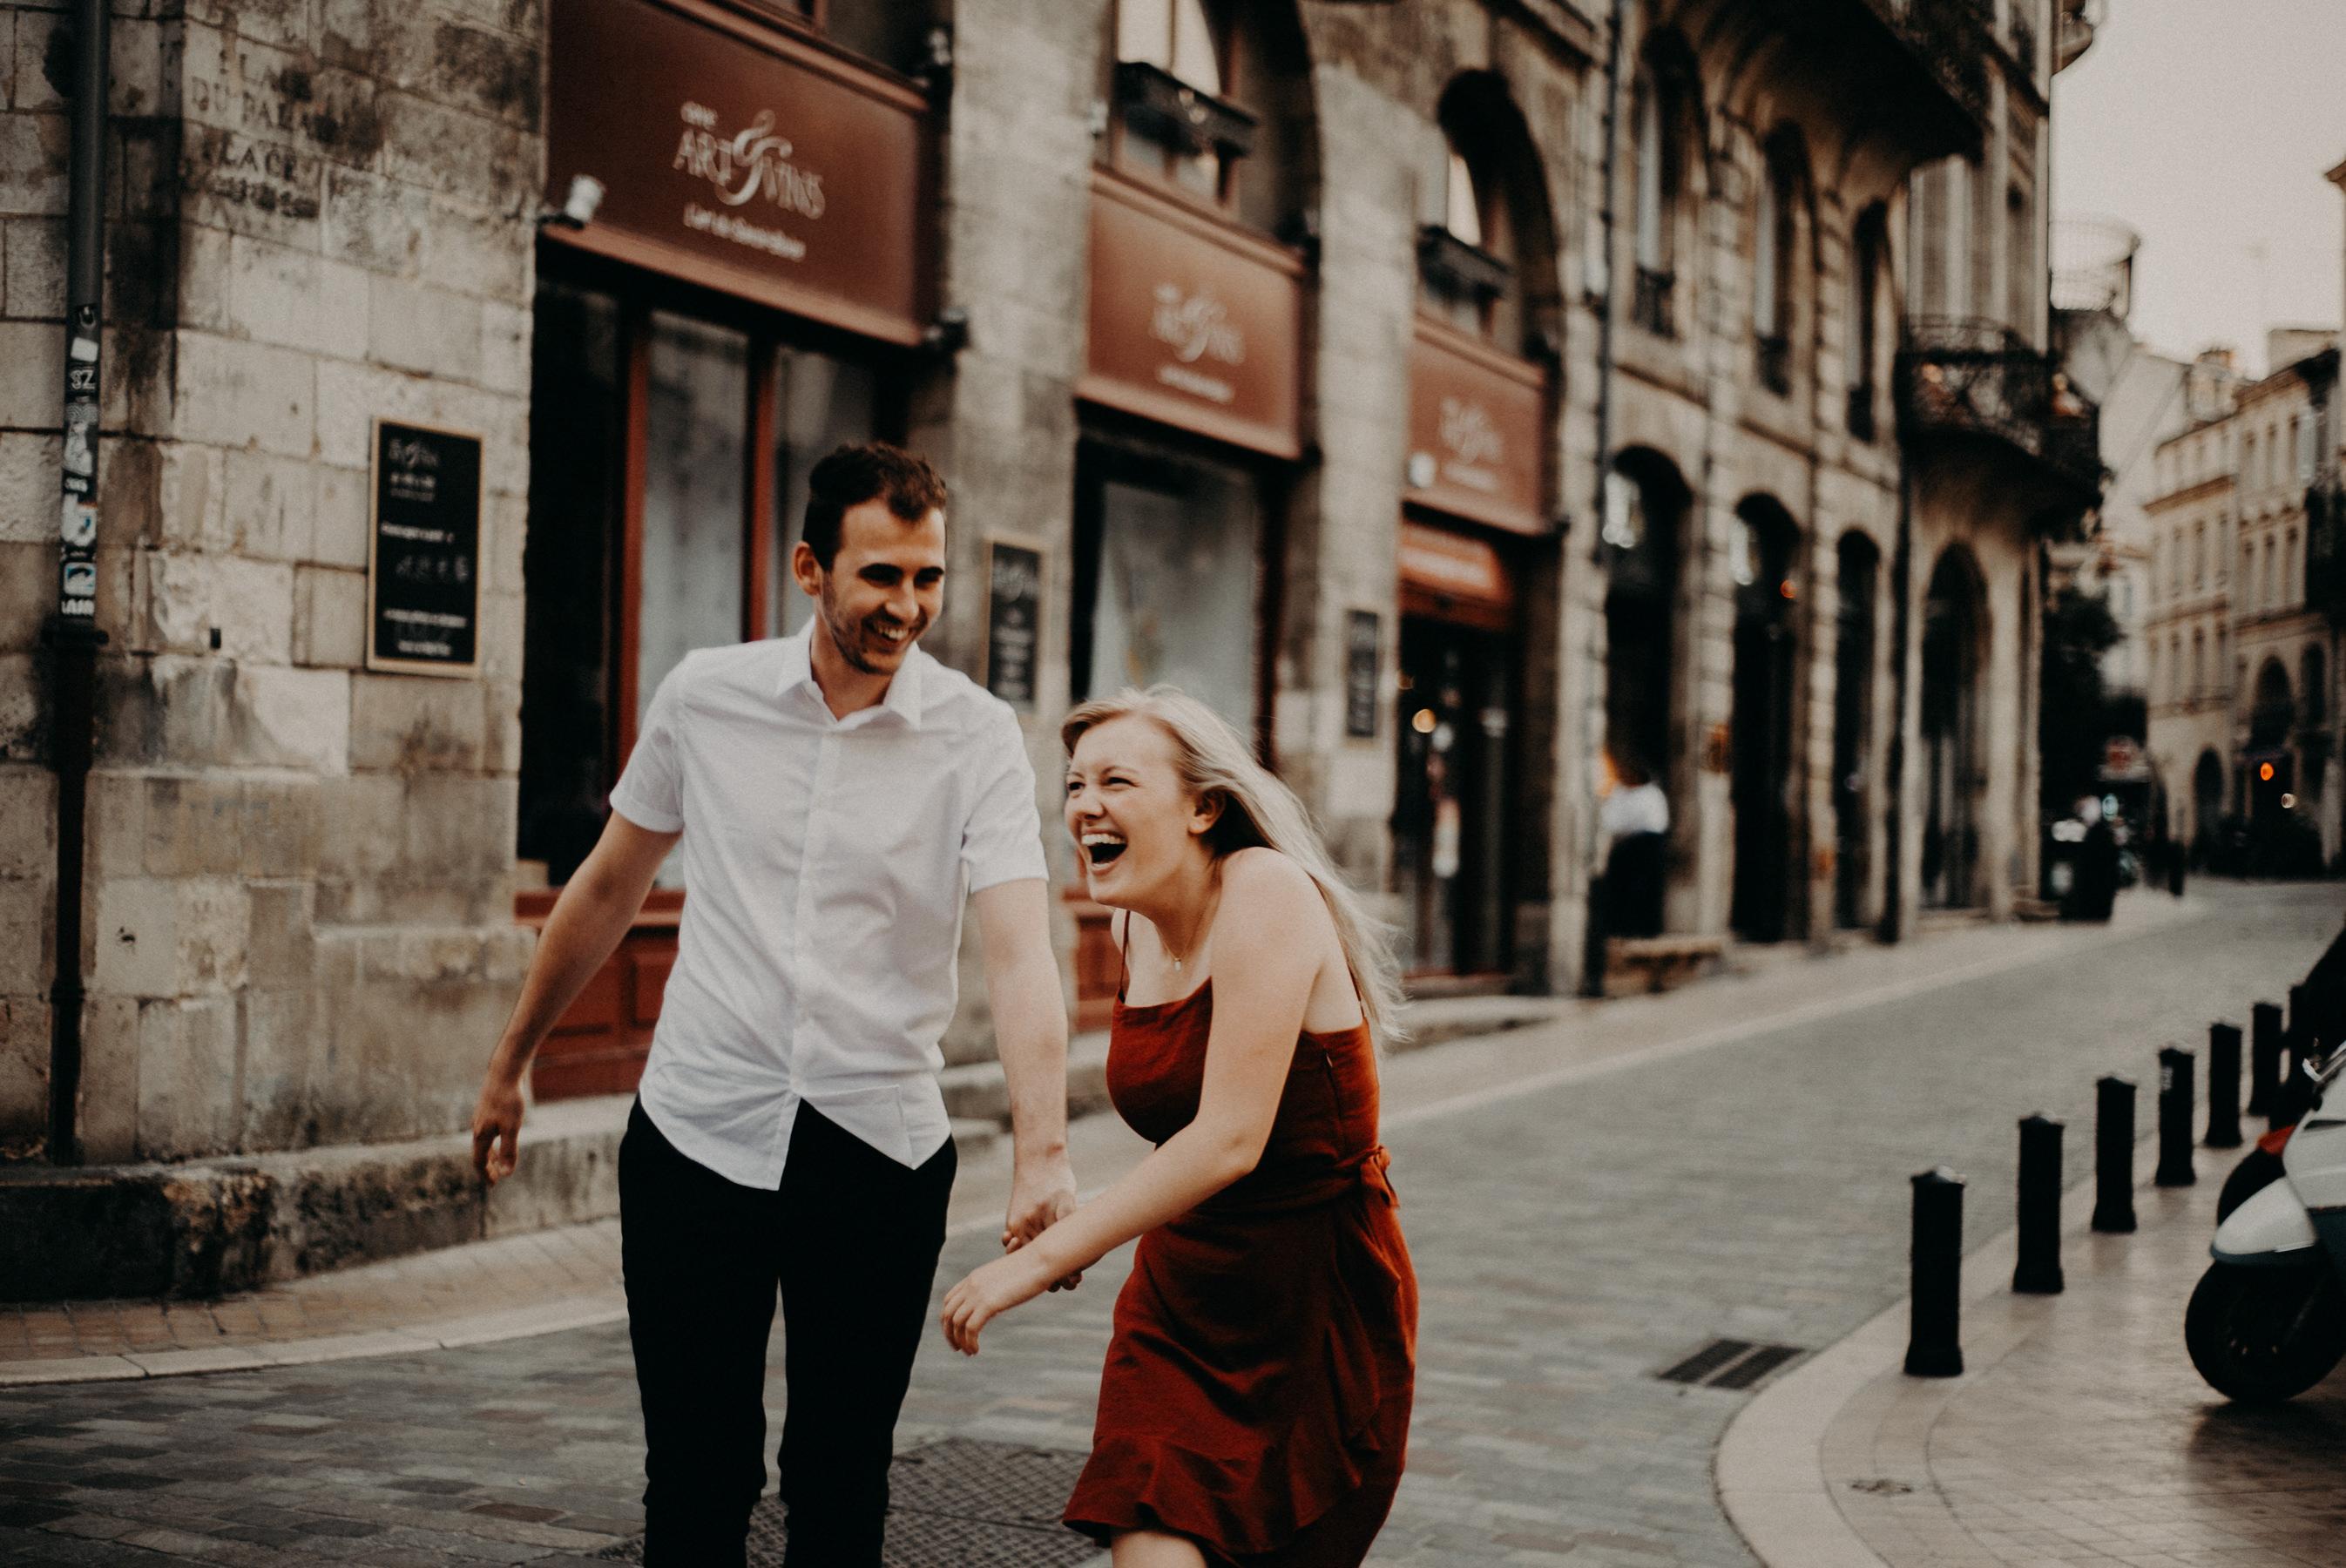 Photographe seance couple BordeauxPhotographe seance couple Bordeaux